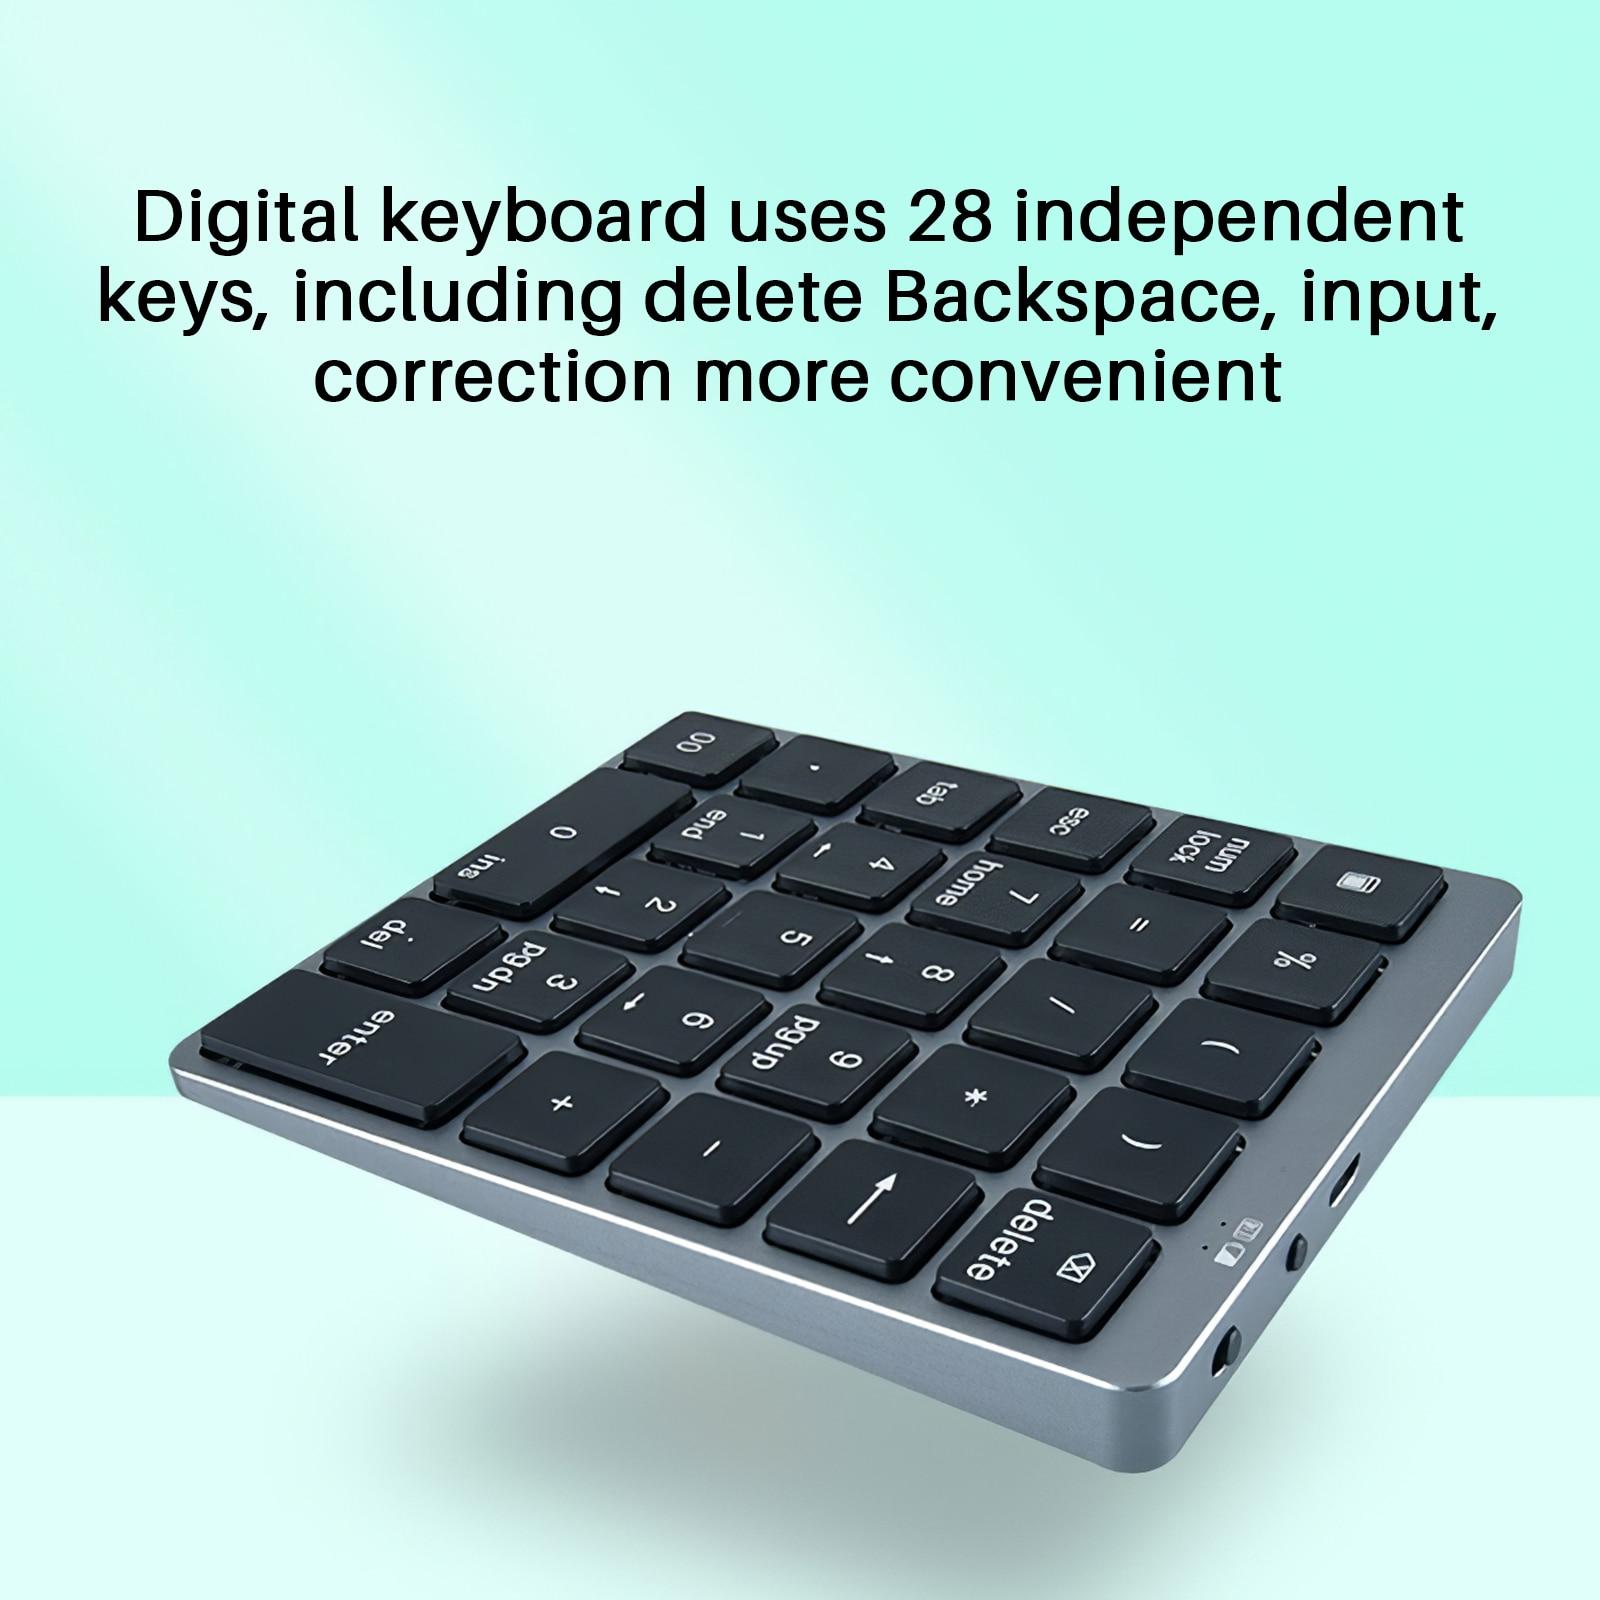 بلوتوث صغير لوحة المفاتيح اللاسلكية باد 28 لوحة المفاتيح اللوحي لوحة المفاتيح القابلة لإعادة الشحن لأجهزة أندرويد اللوحي باد الهاتف الخليوي ...